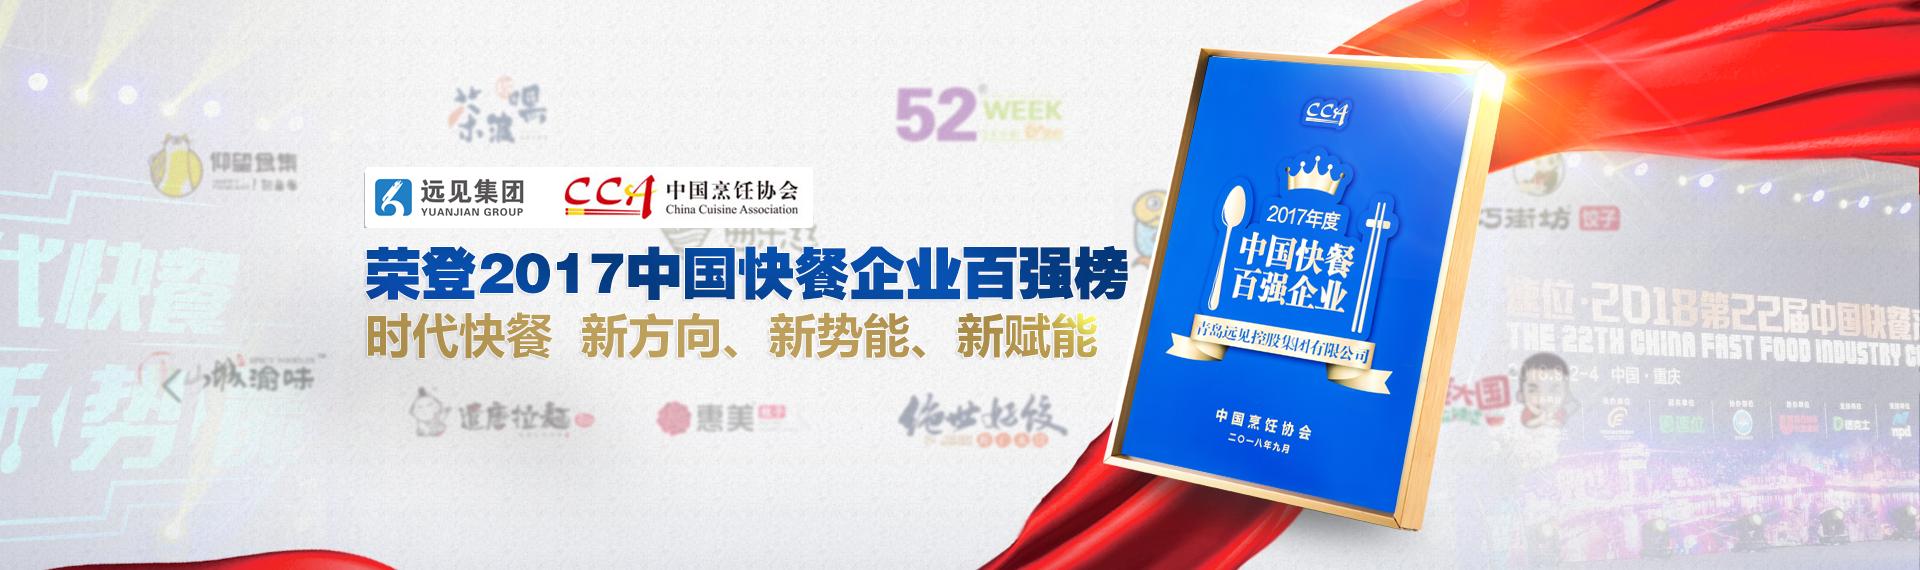 2017年度中国快餐百强企业